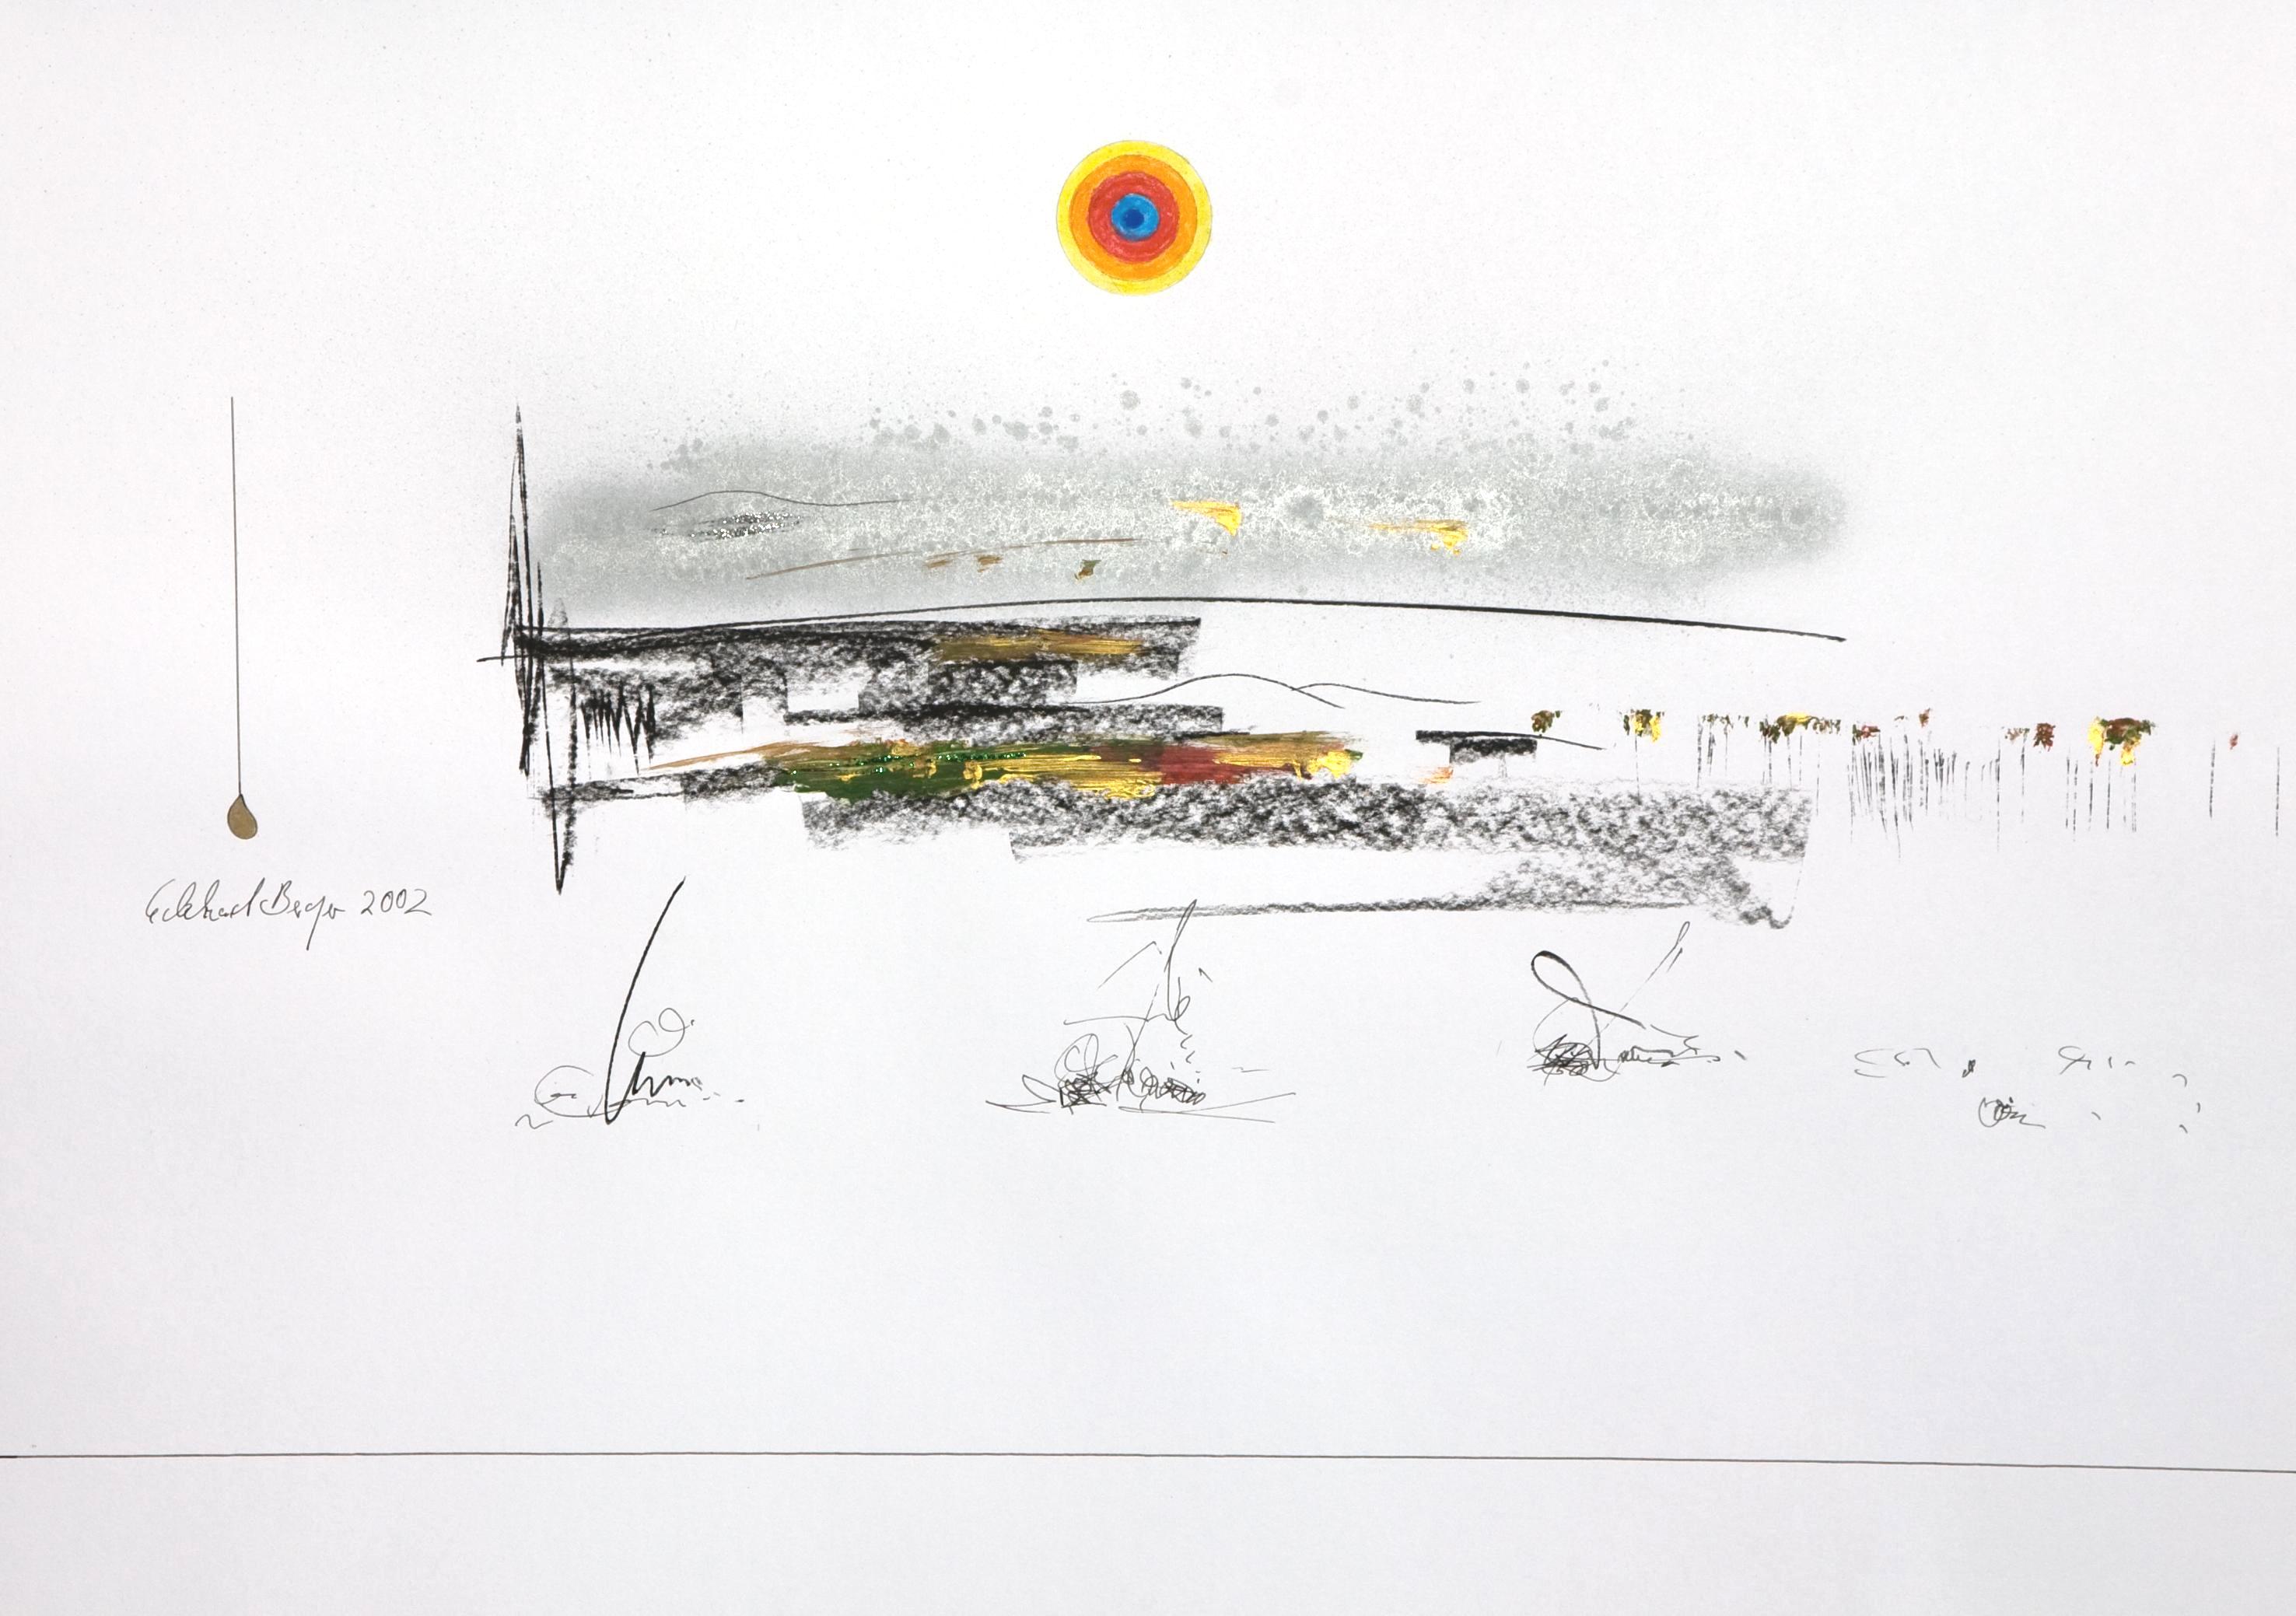 Eckhard Berger Kunstwerk Bild 25